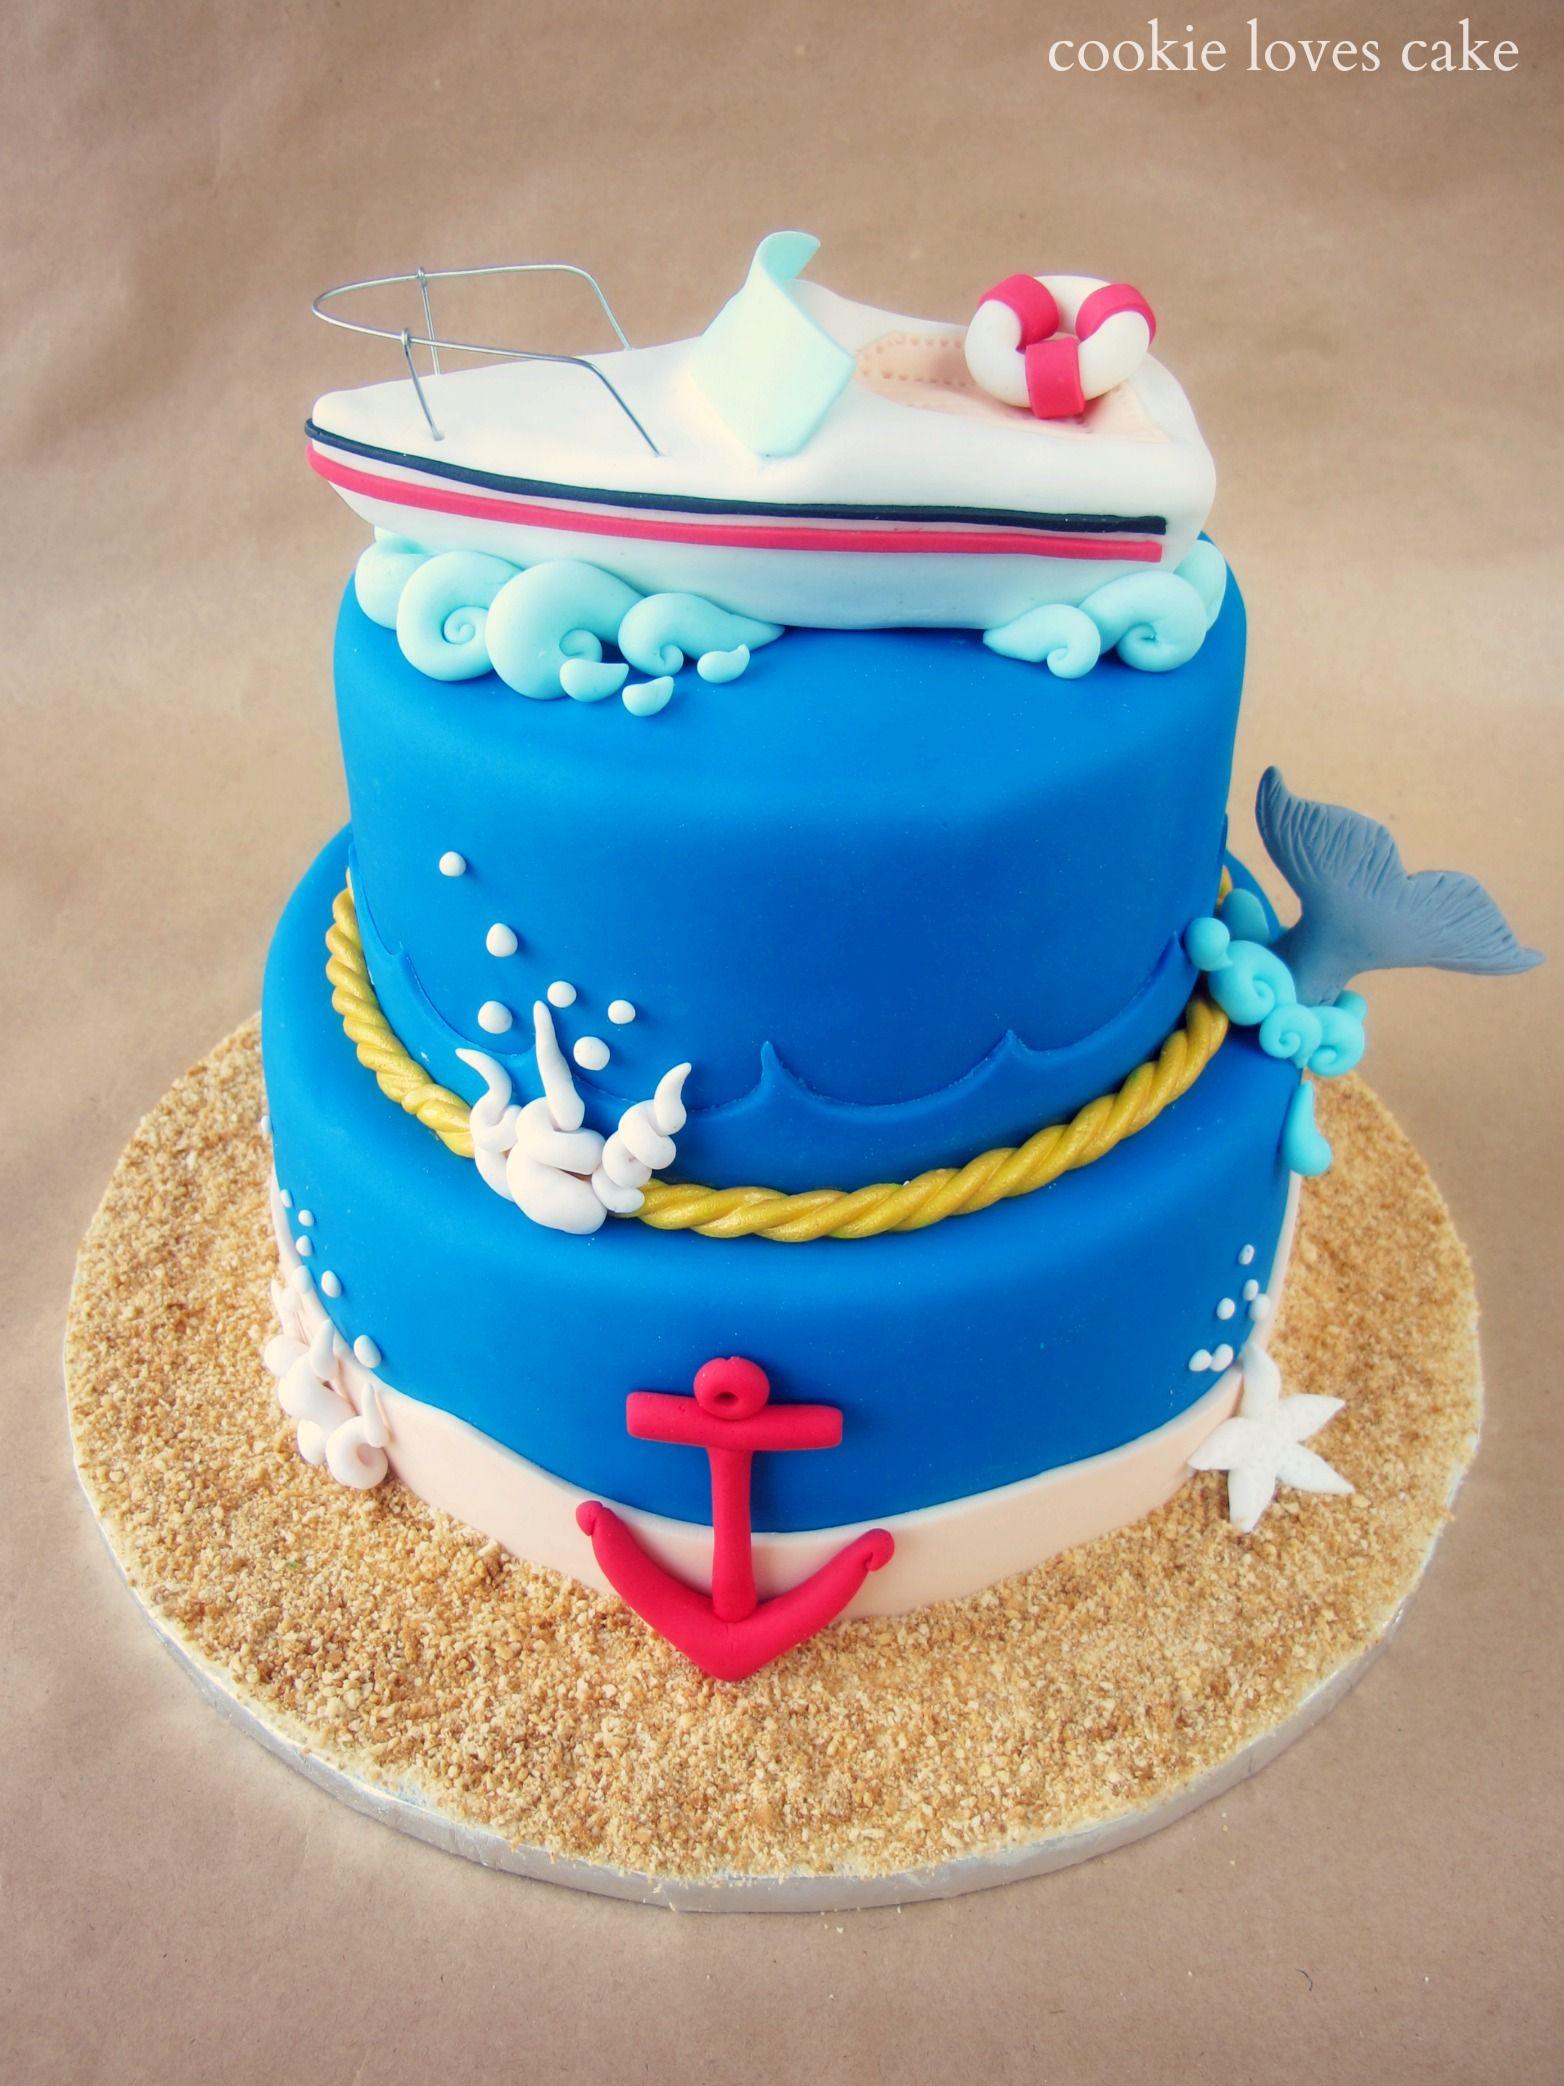 Tarta de cumpleaos marinera Boat cake His cake Pinterest